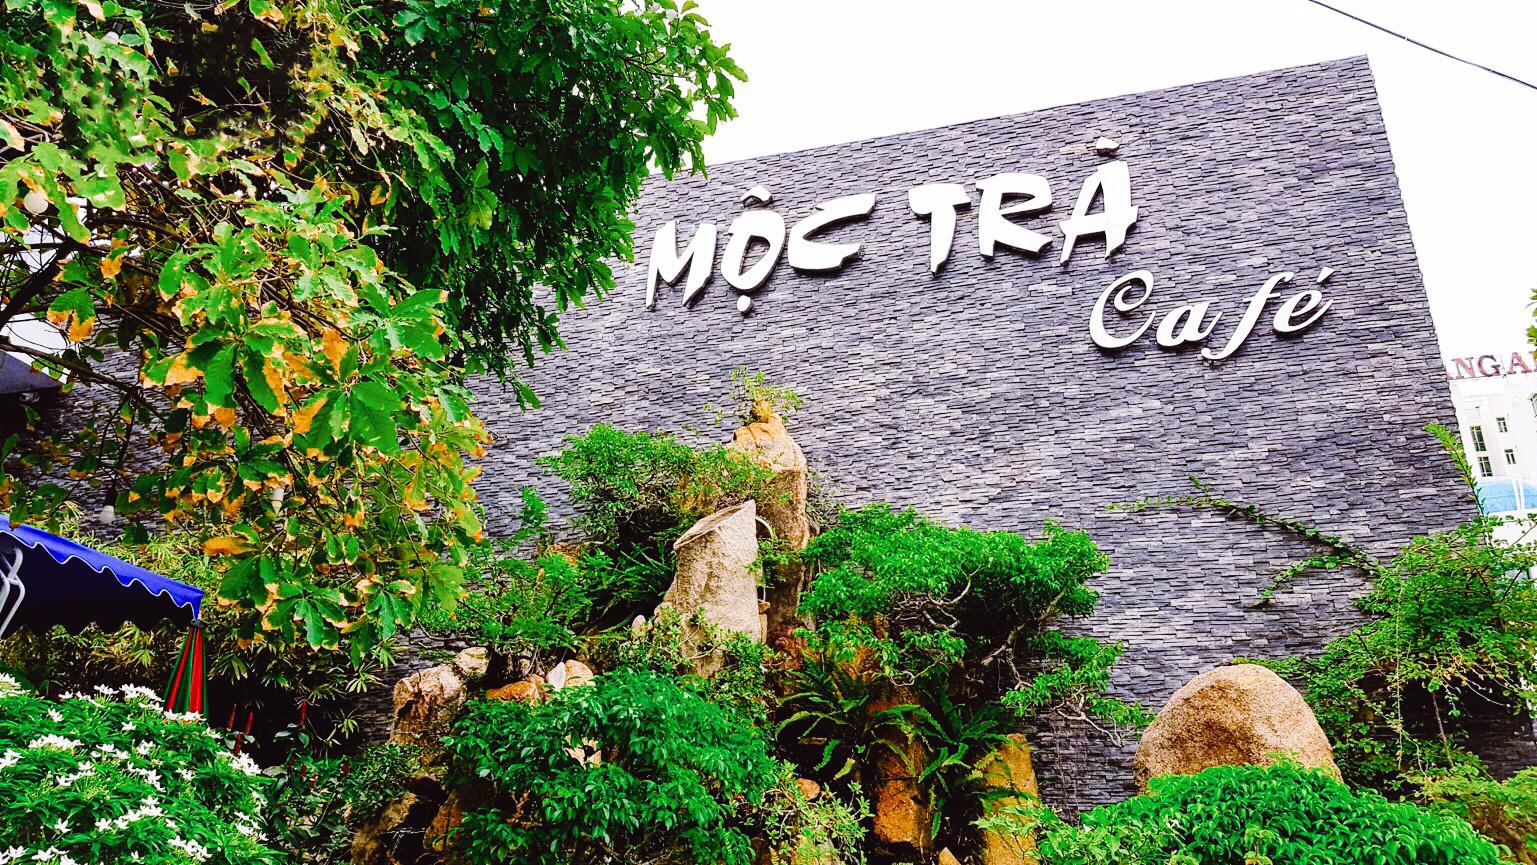 Lễ 2/9 này tụ tập bạn bè tại Mộc Trà cafe Quy Nhơn đẹp như mơ này nhé